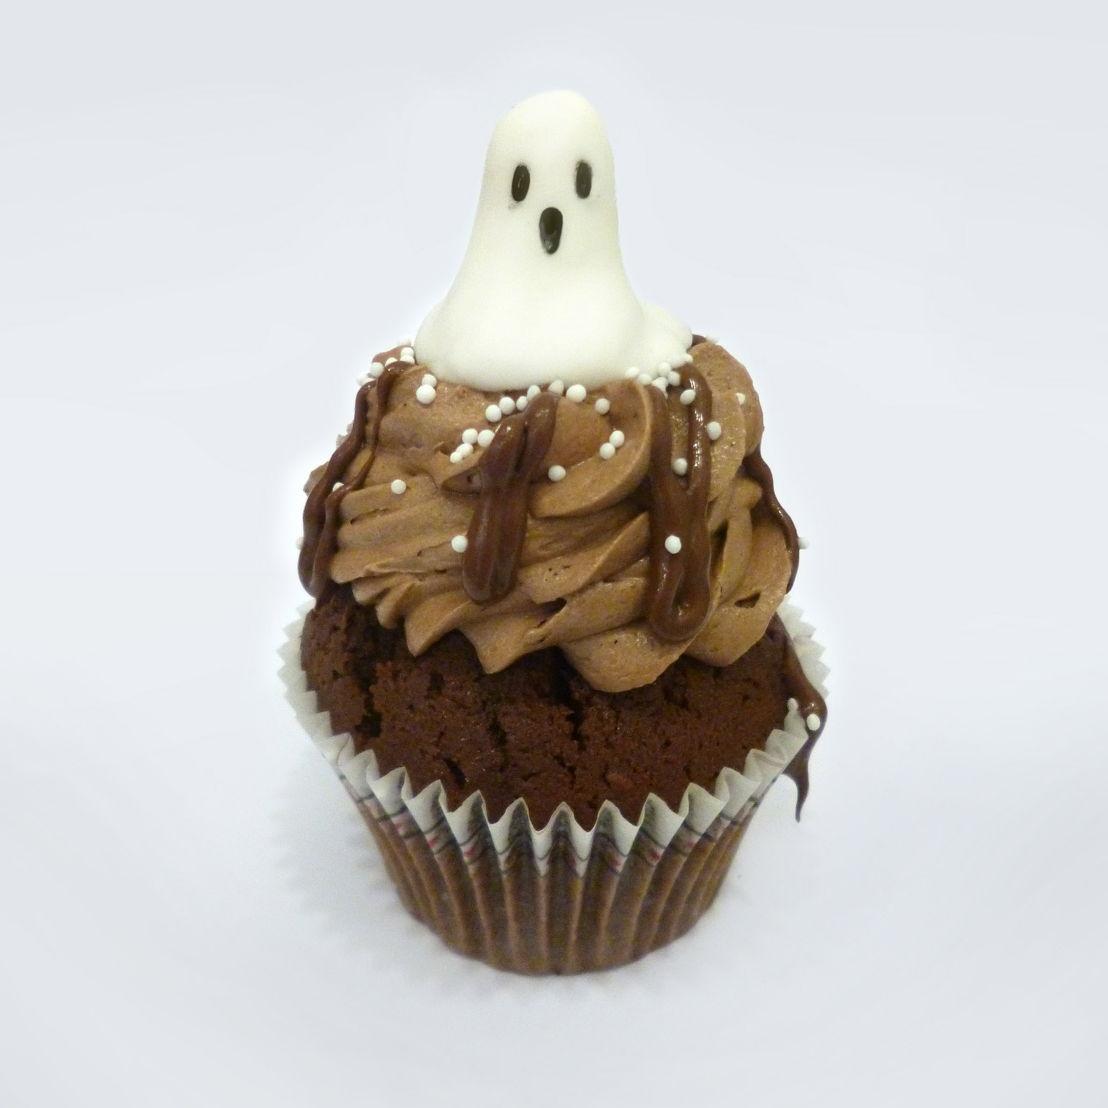 Ghostly Nutella